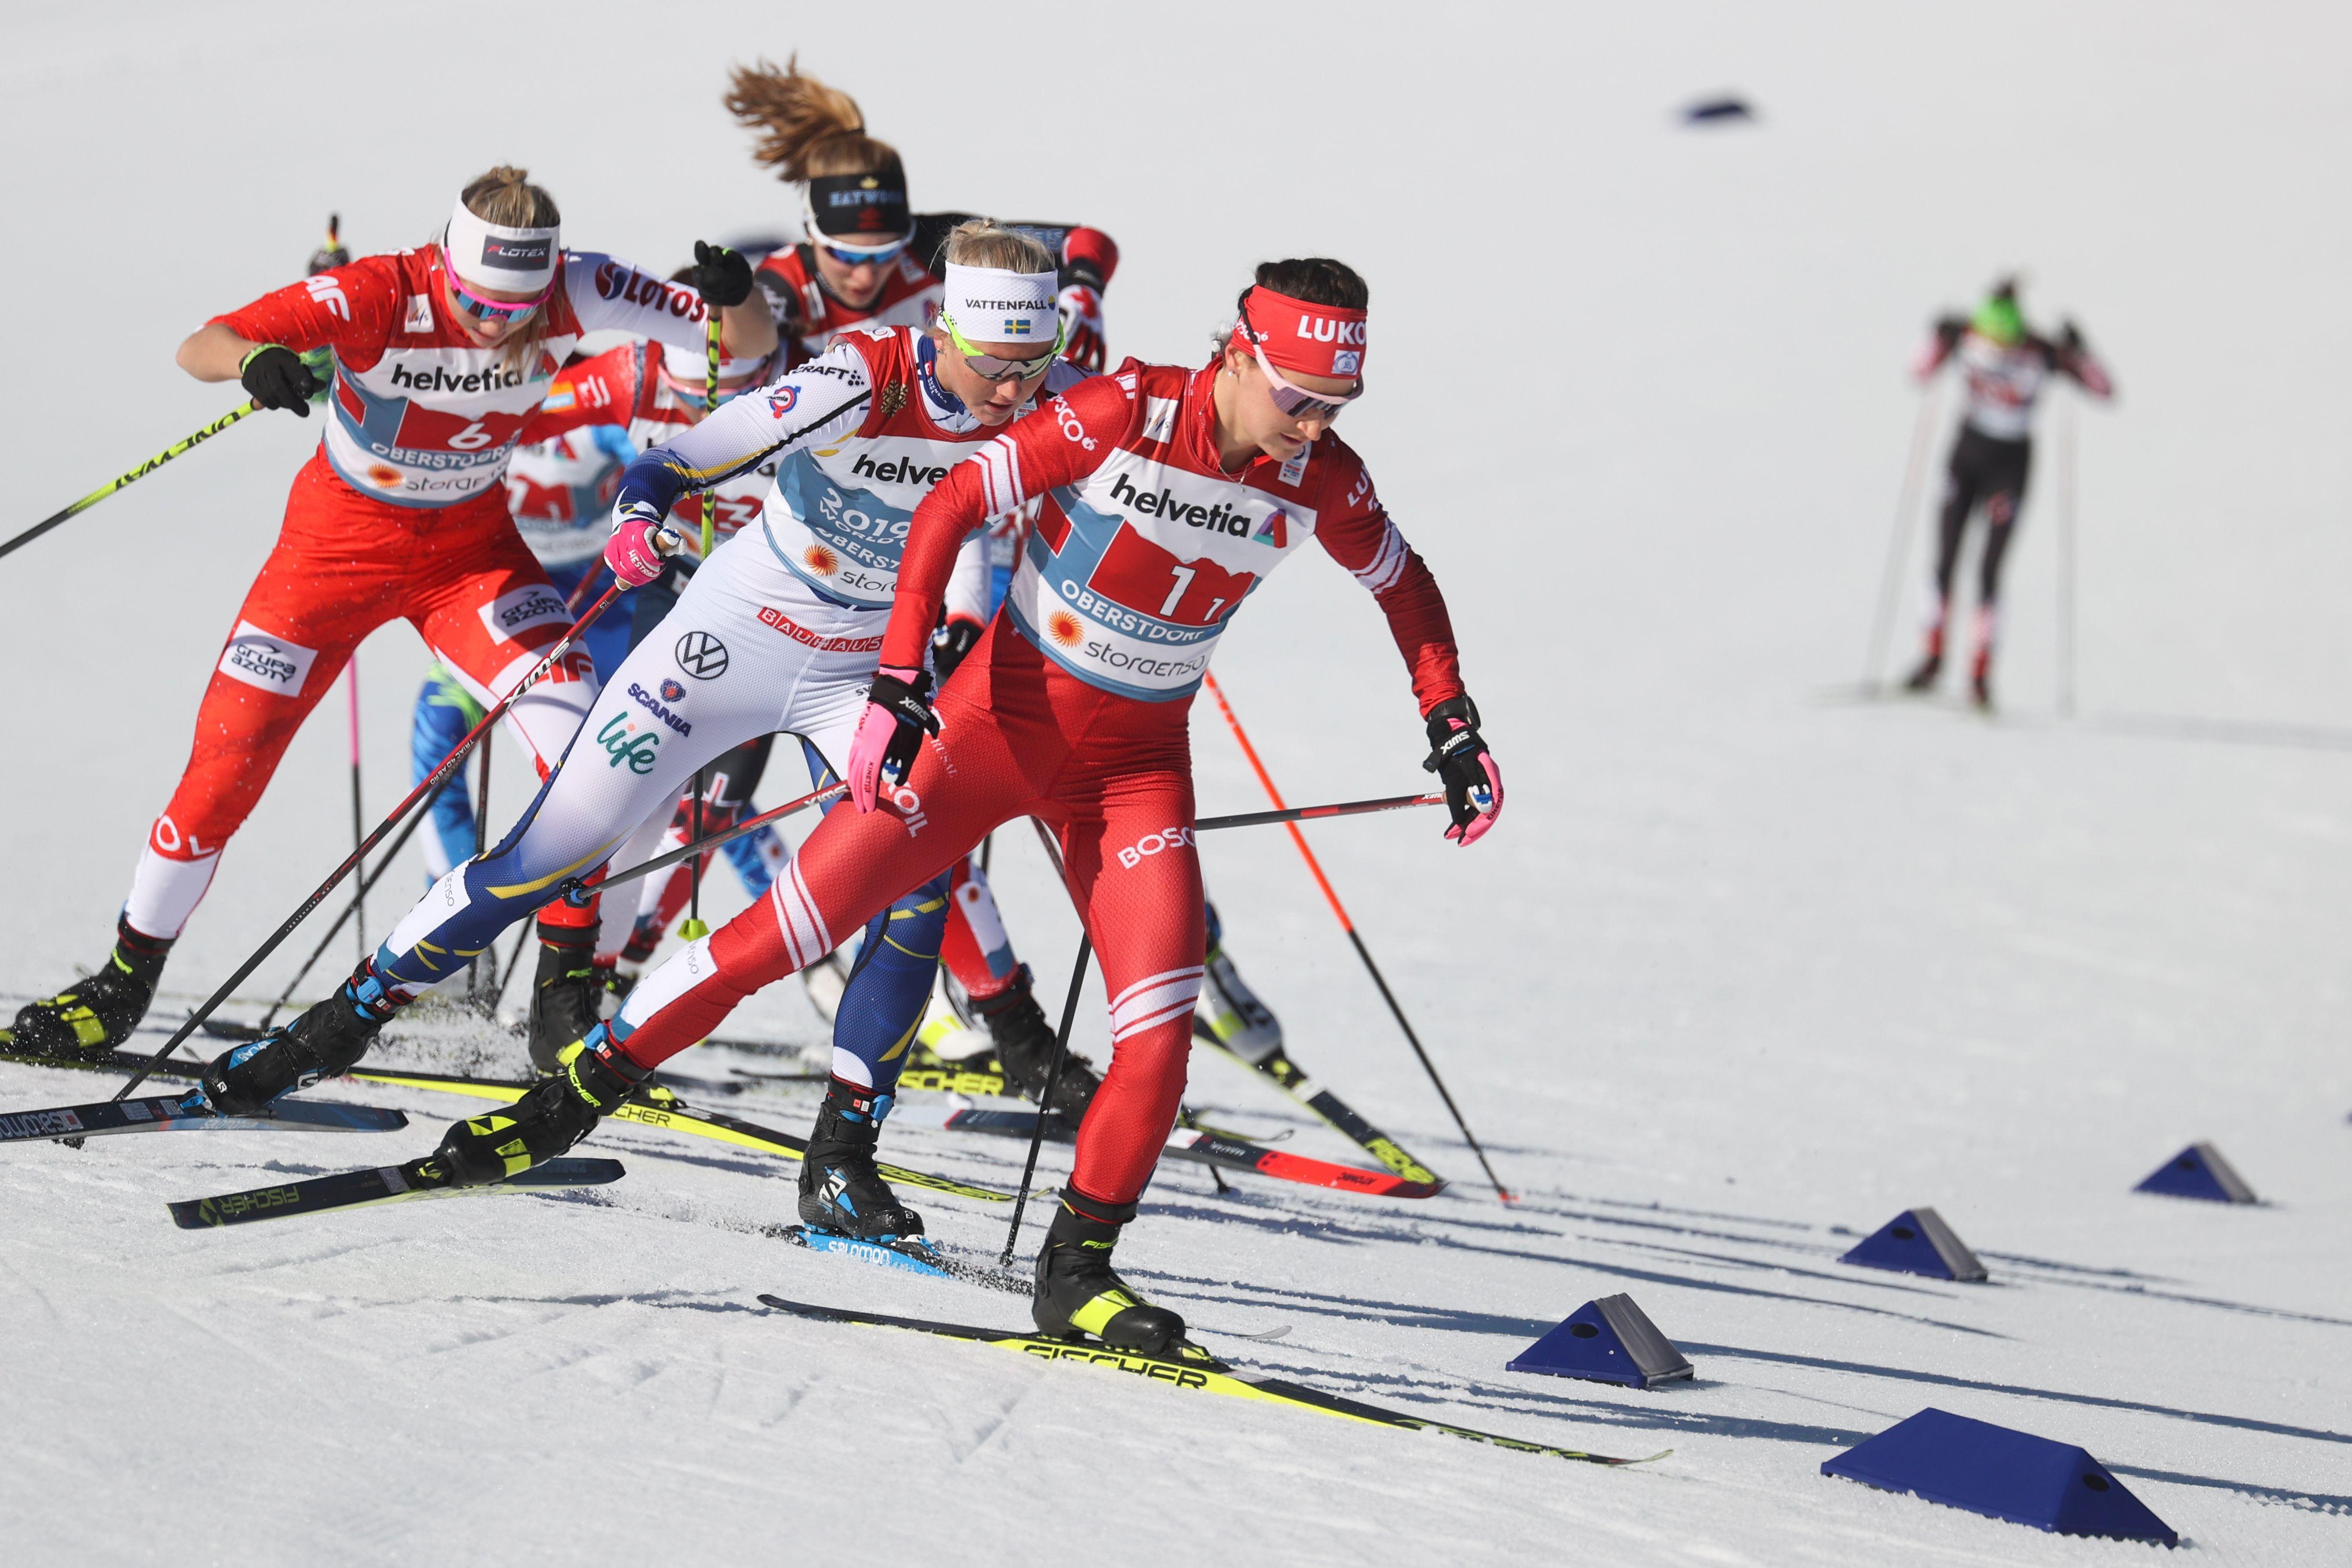 Женская сборная России осталась без медалей в командном спринте на ЧМ по лыжным гонкам. Все результаты